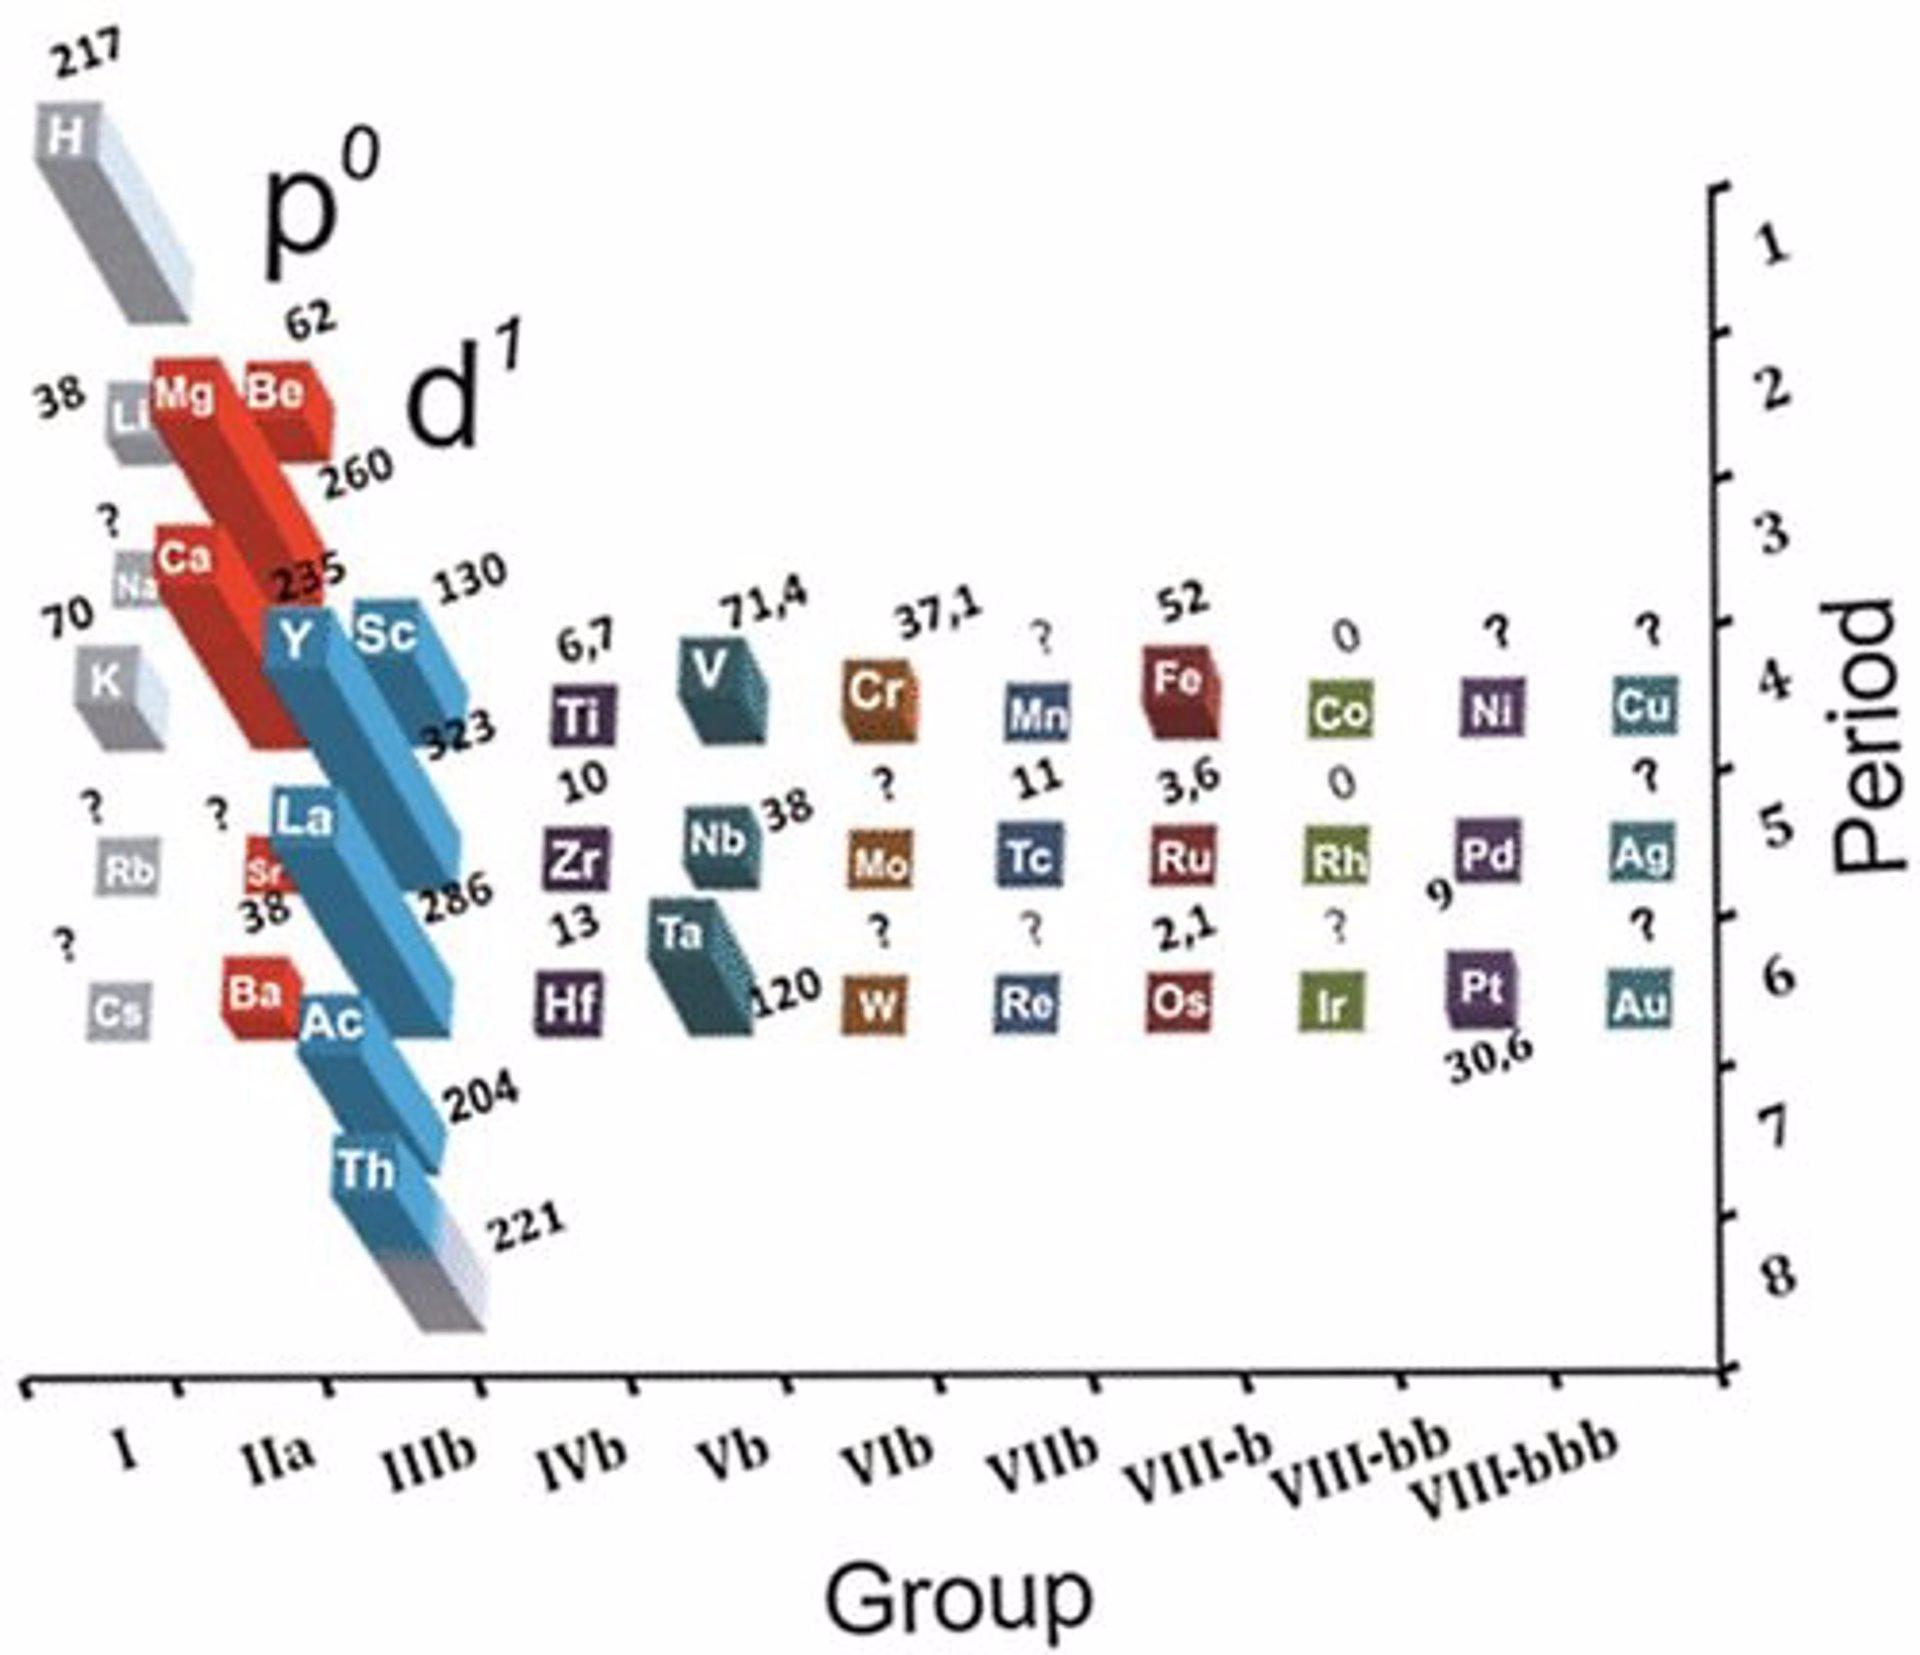 Se comprueba la conexin entre superconductividad y tabla peridica urtaz Image collections